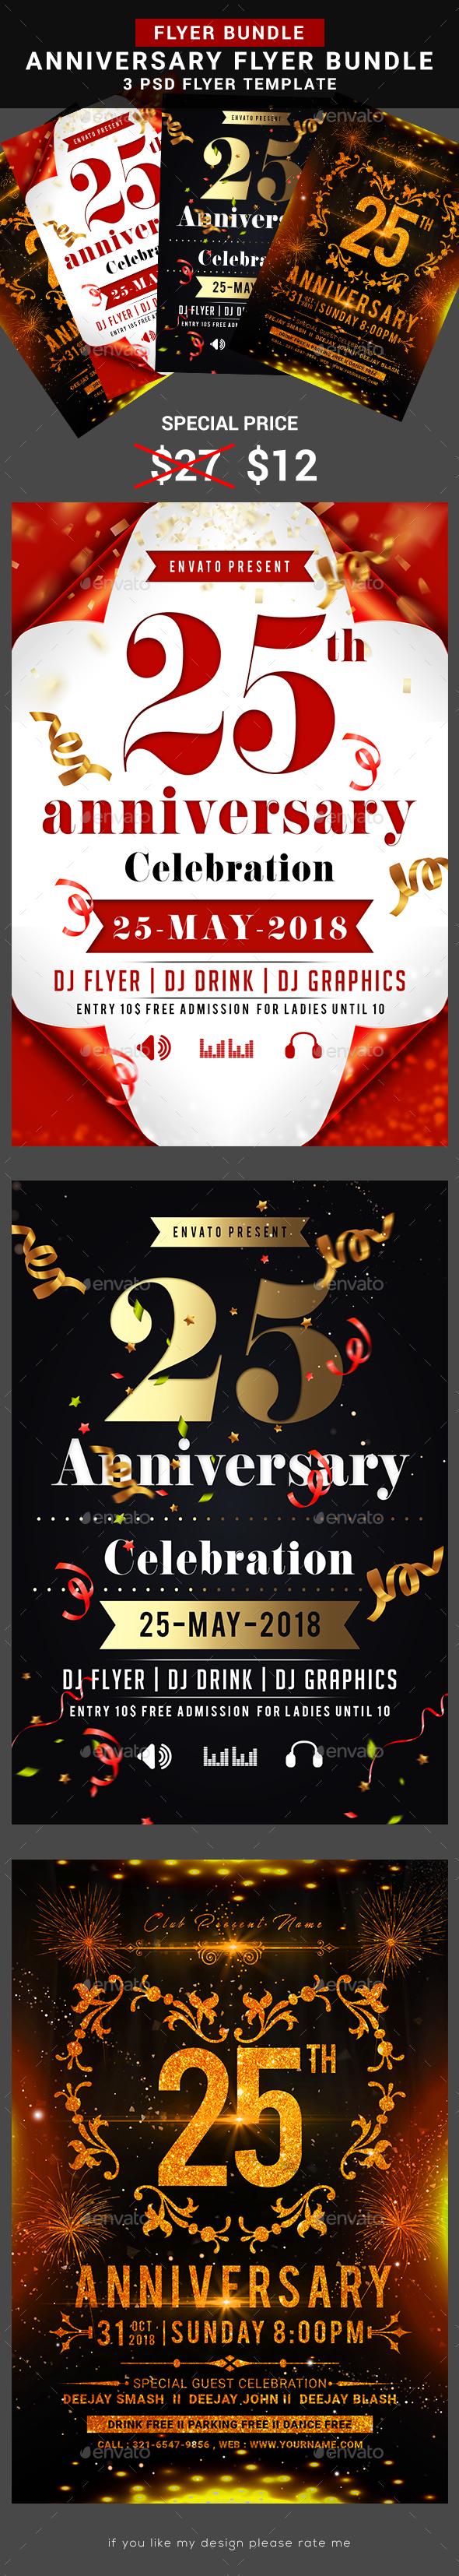 Anniversary Flyer Bundle - Flyers Print Templates